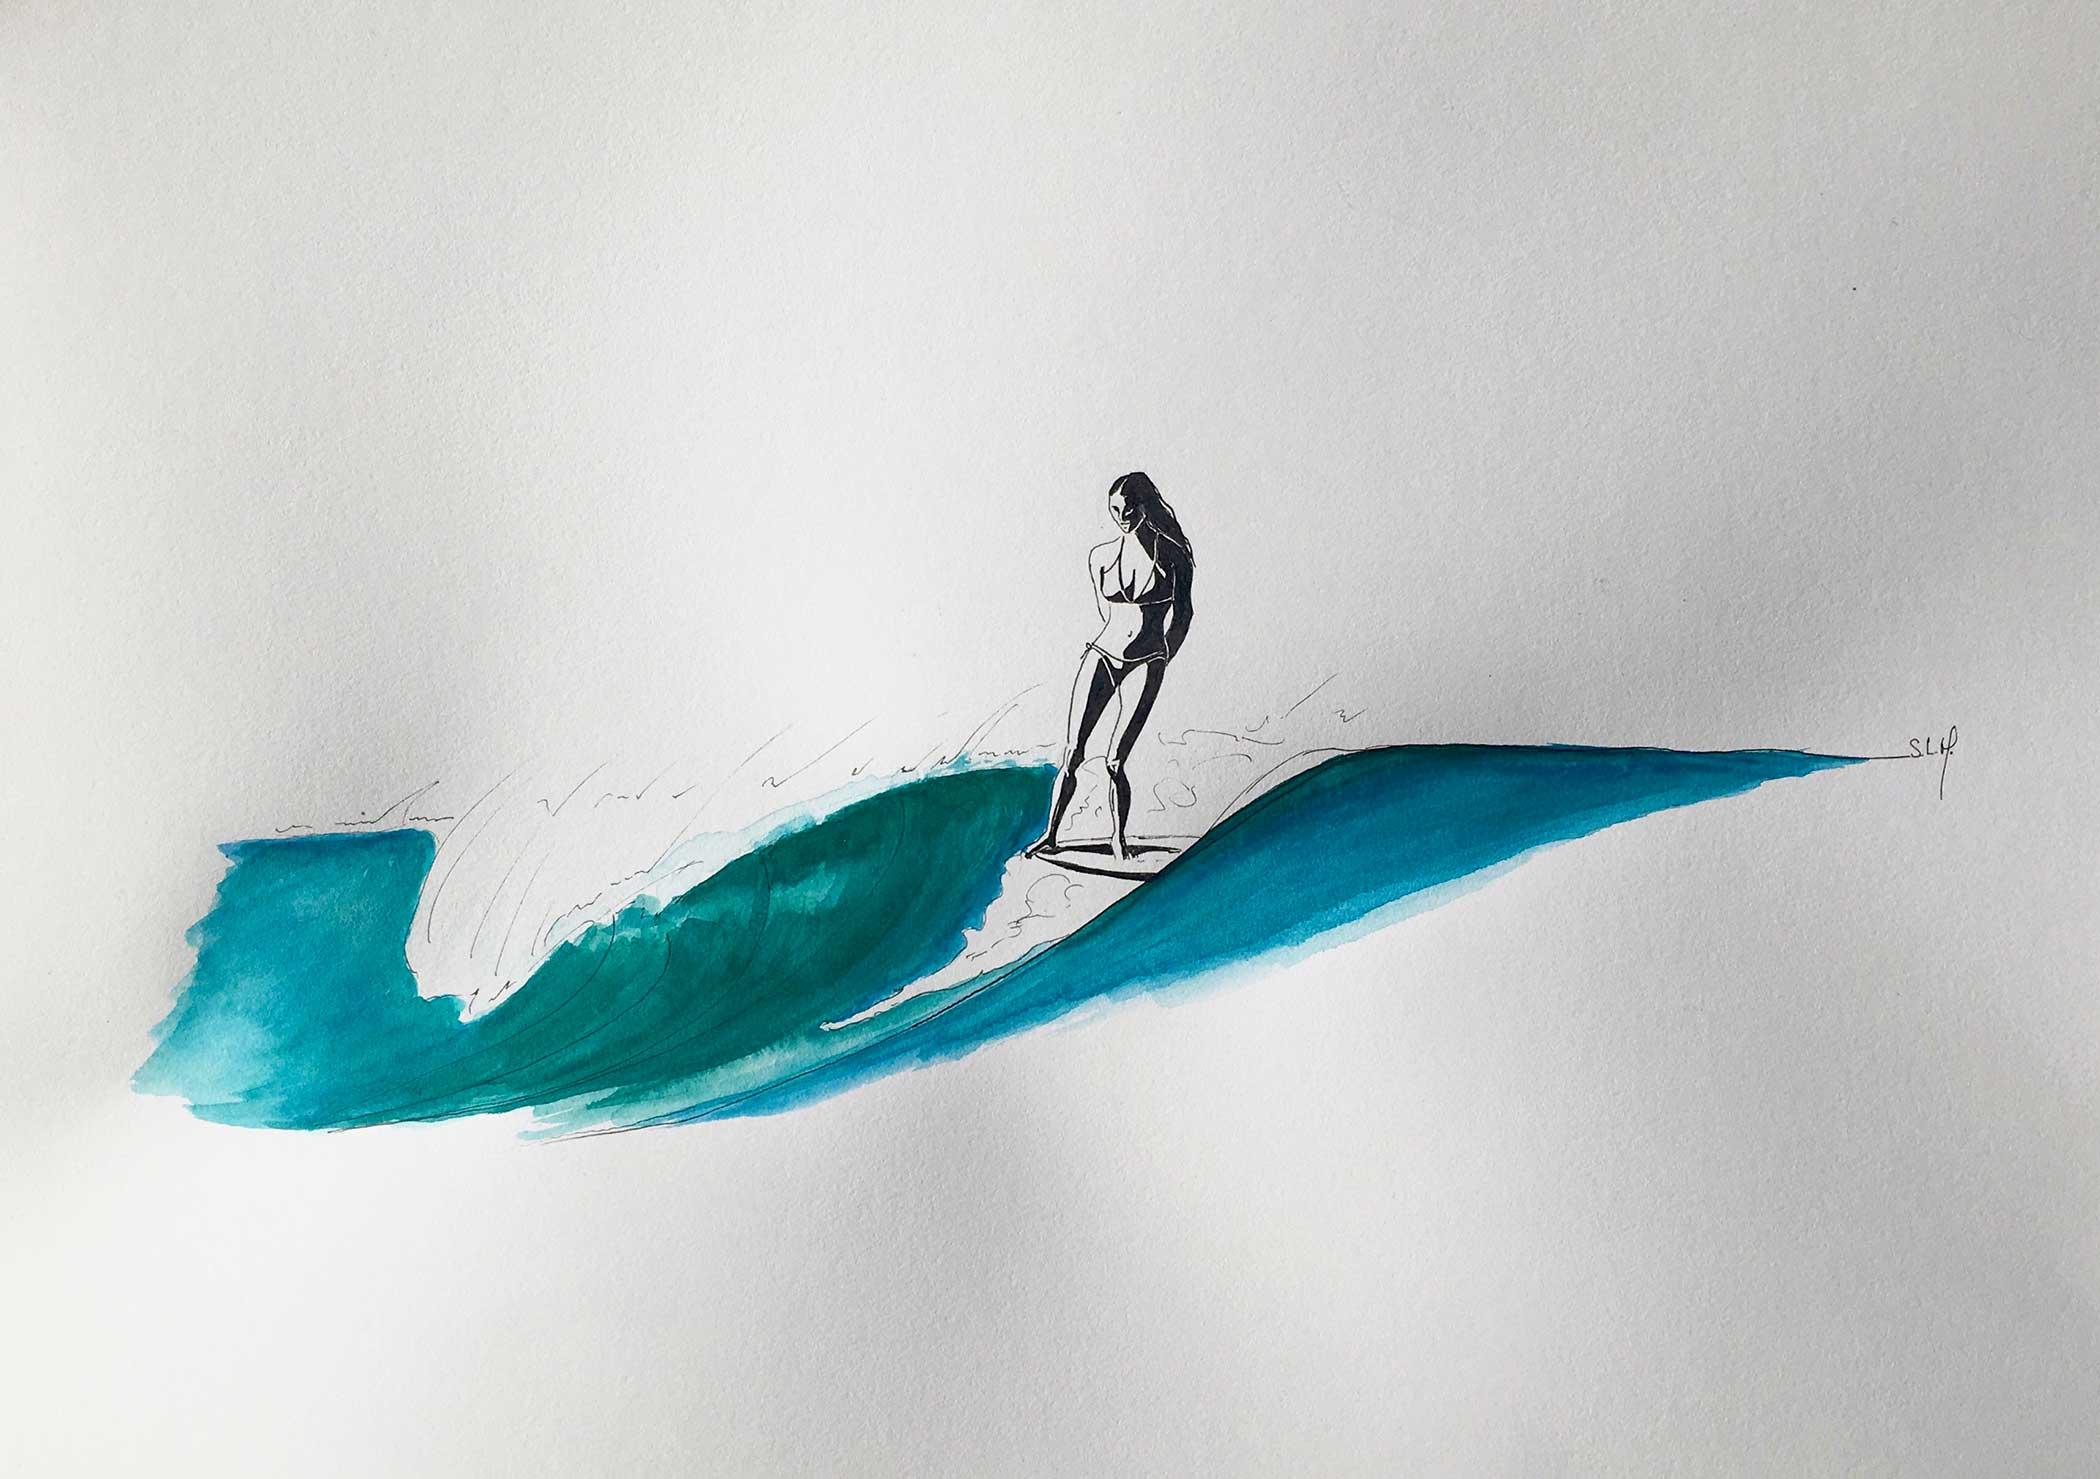 Casual Hang Five Encre et Aquarelle sur papier A3 (29,7cm x 42cm) 2018